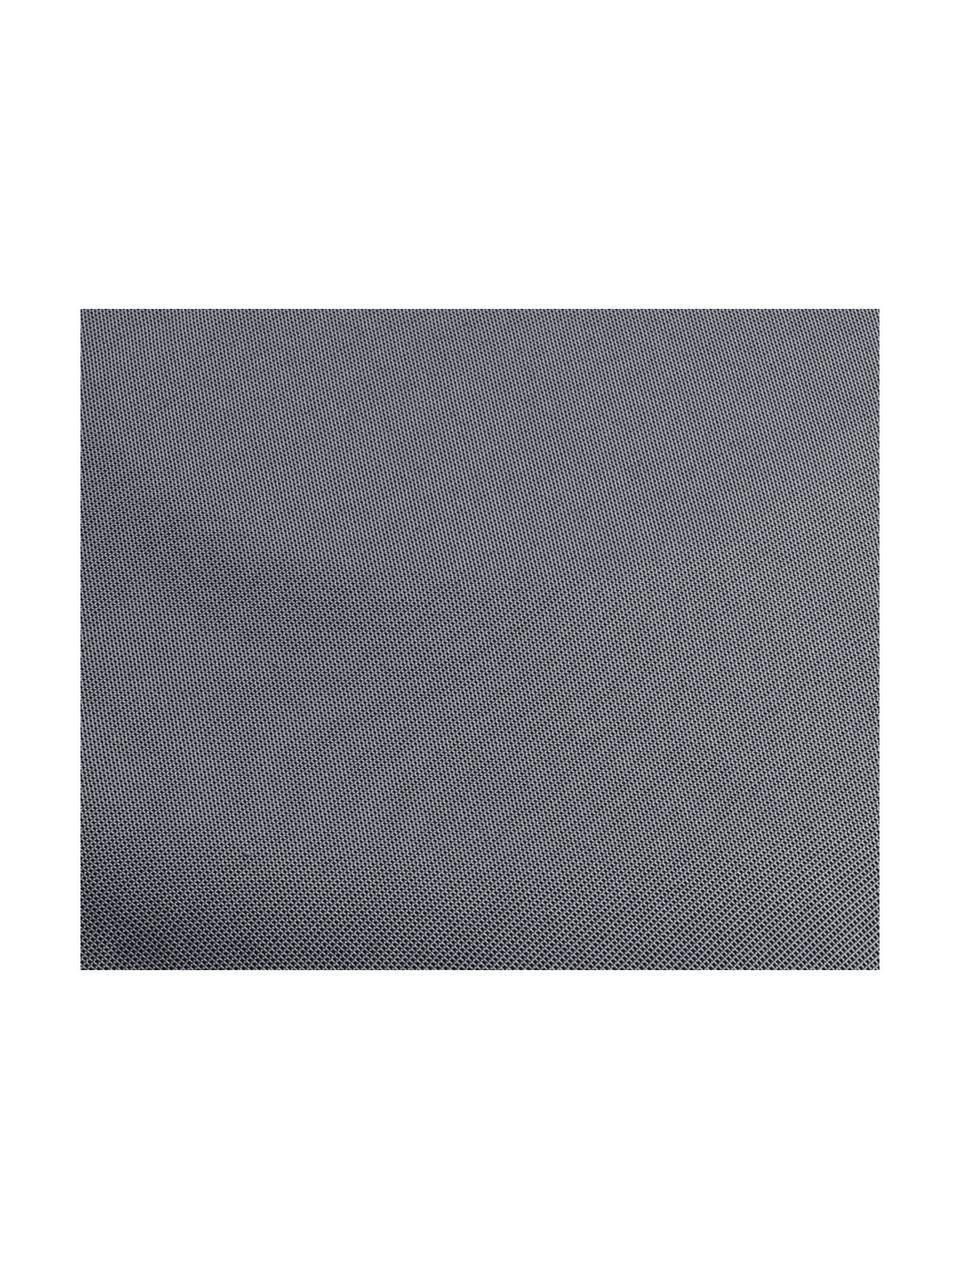 Nadmuchiwany puf Maxime, Ciemnoszary, biały, Ø 55 x 25 cm